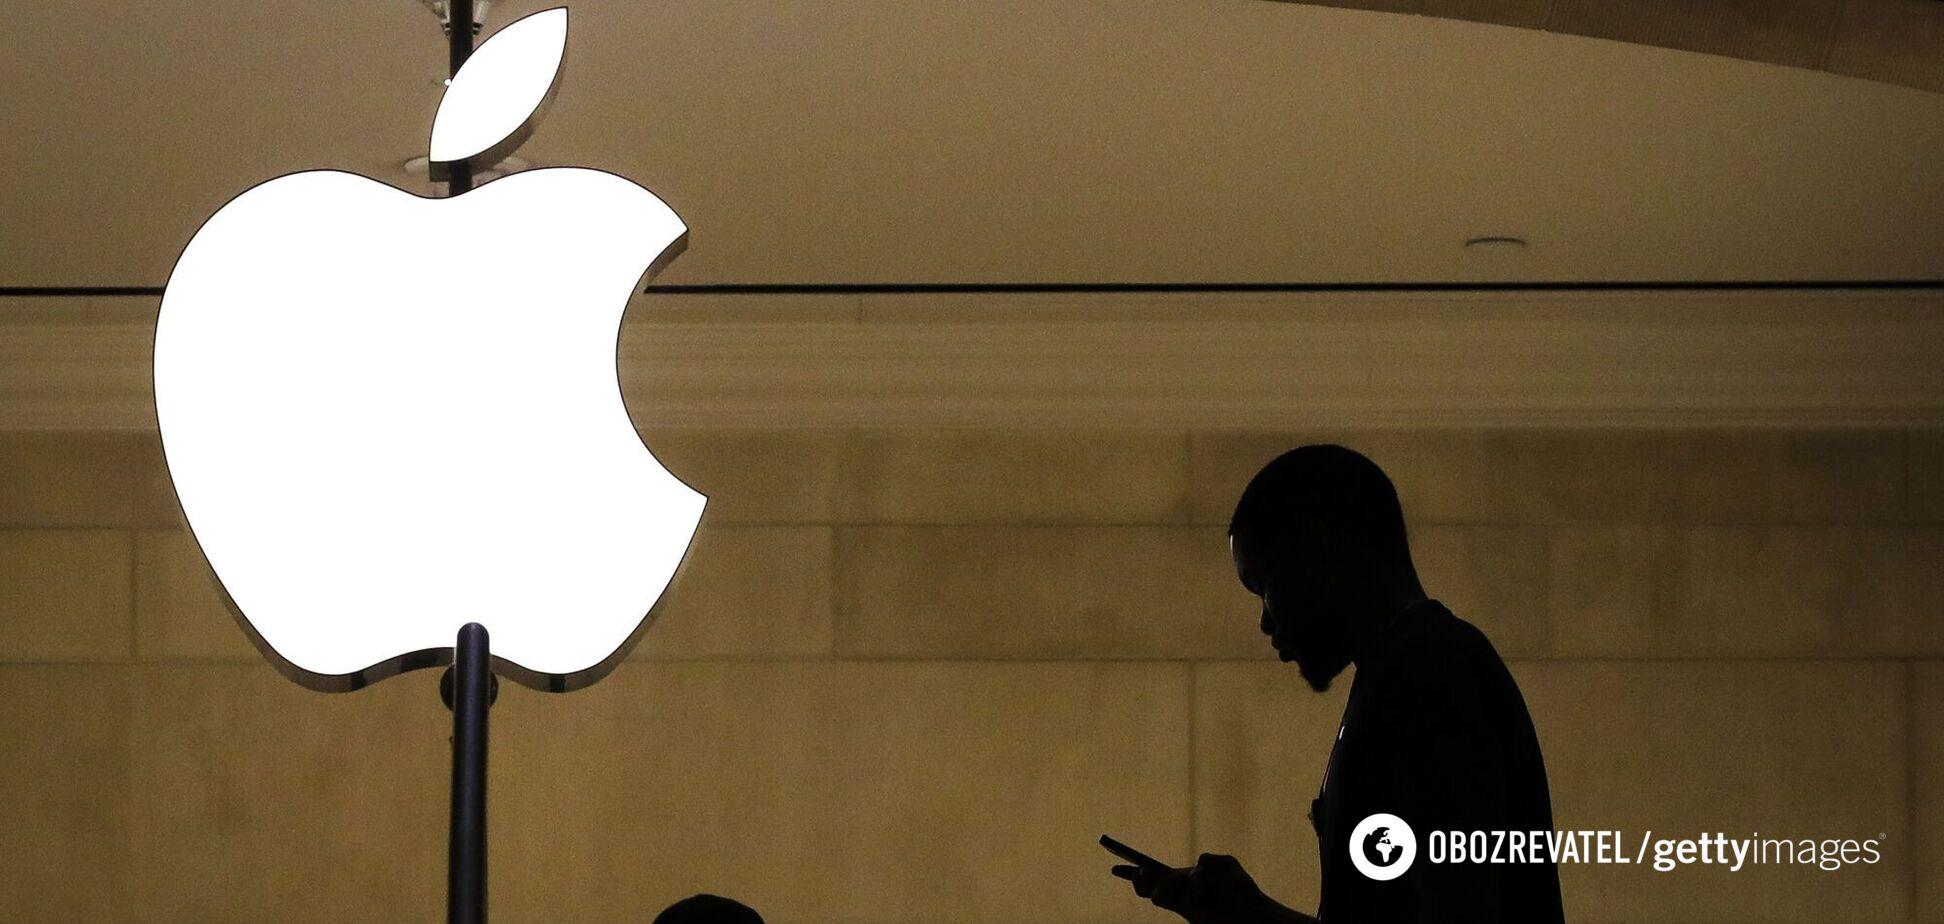 Инсайдер назвал дату анонса нового устройства от Apple